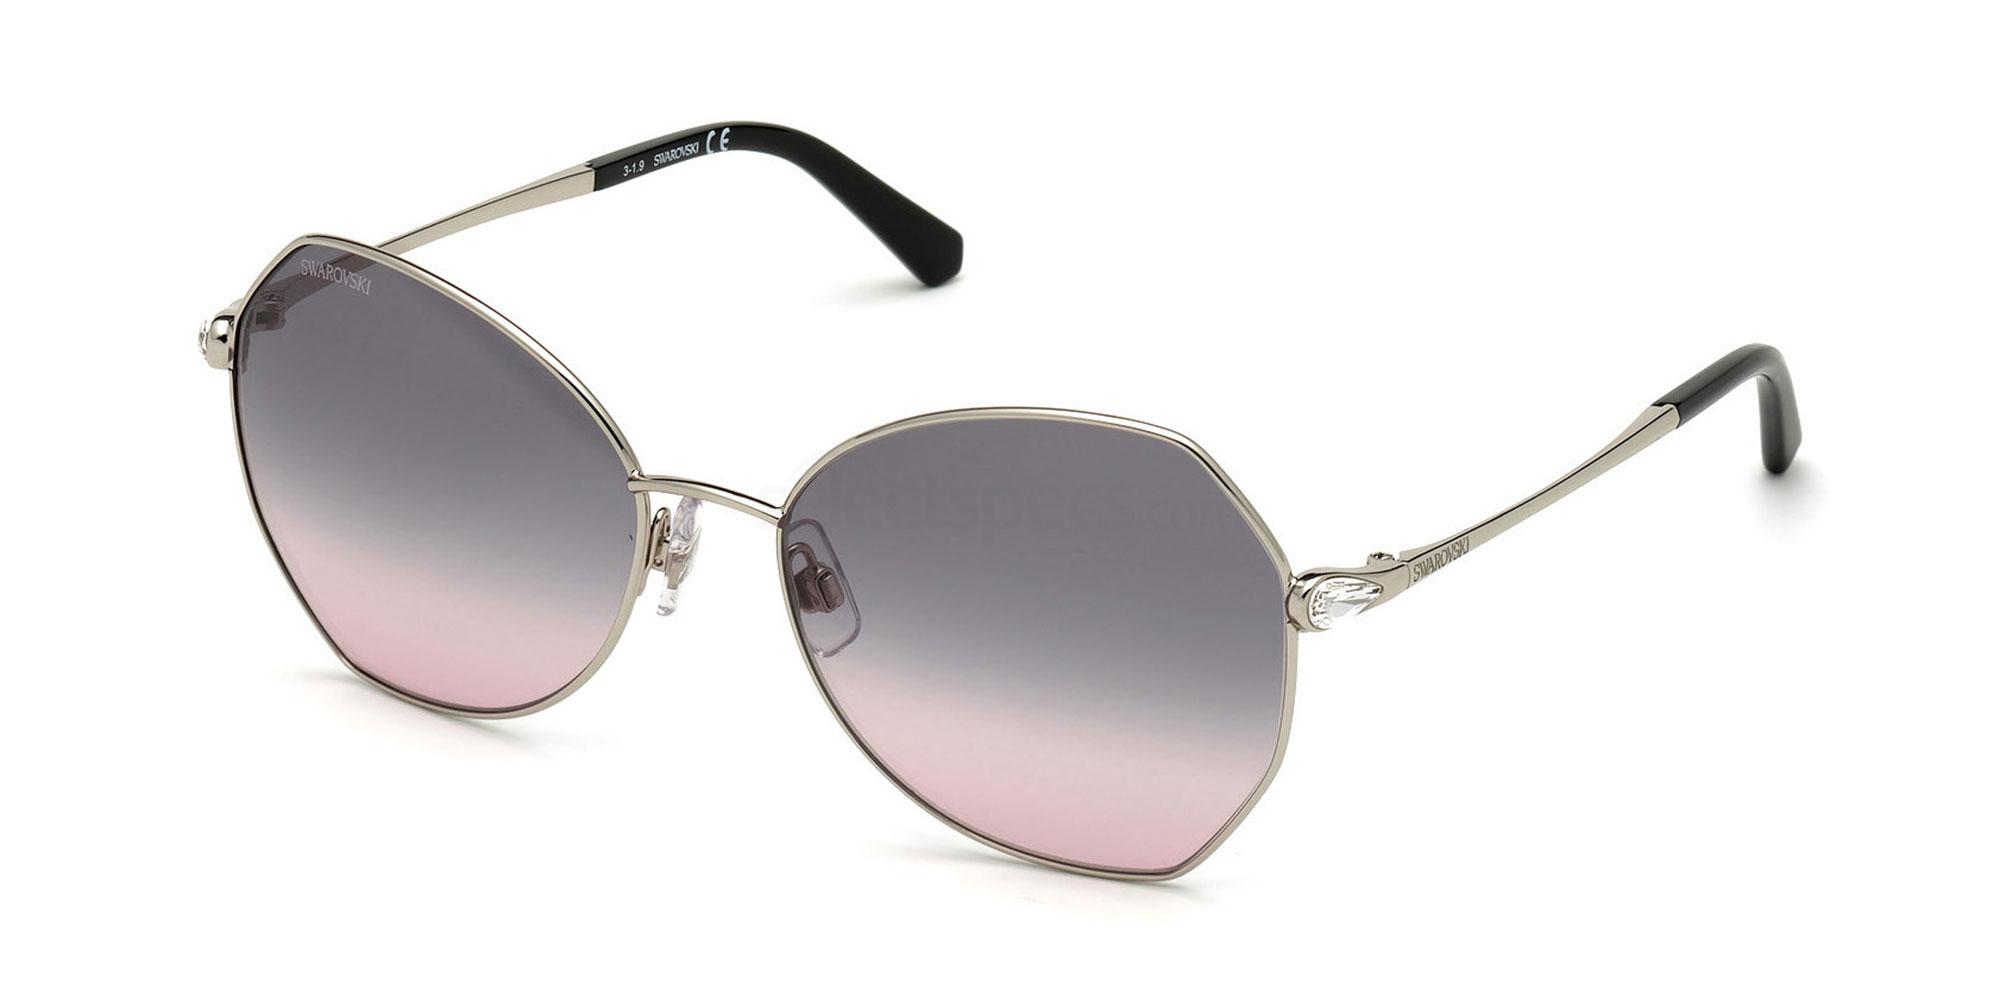 16B SK0266 Sunglasses, Swarovski